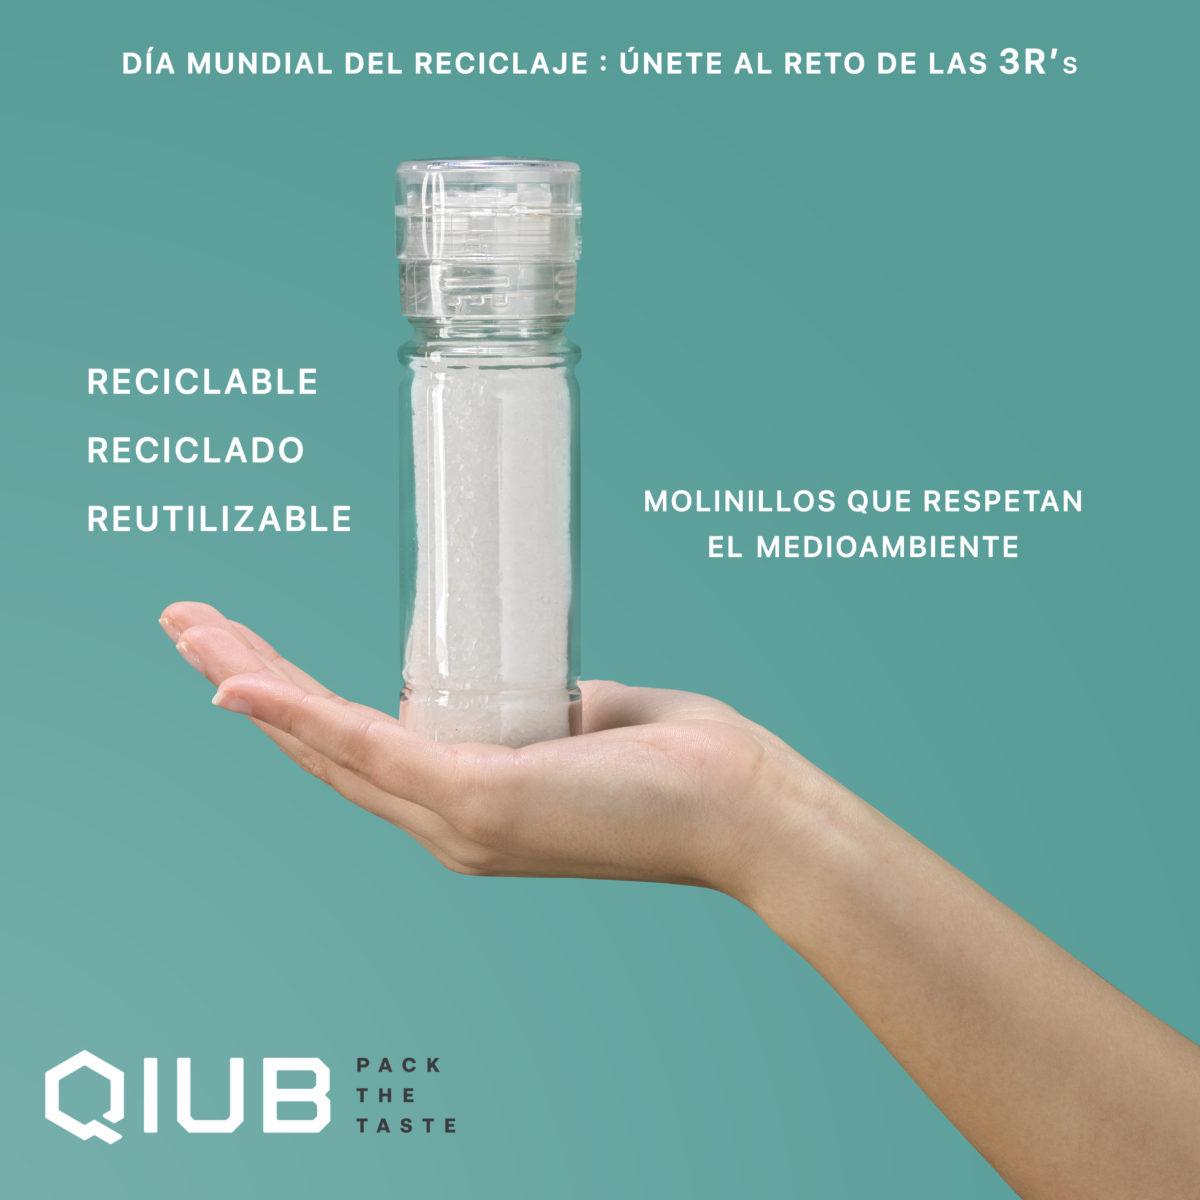 Día Mundial del Reciclaje. ¡Únete al reto de la 3R's!